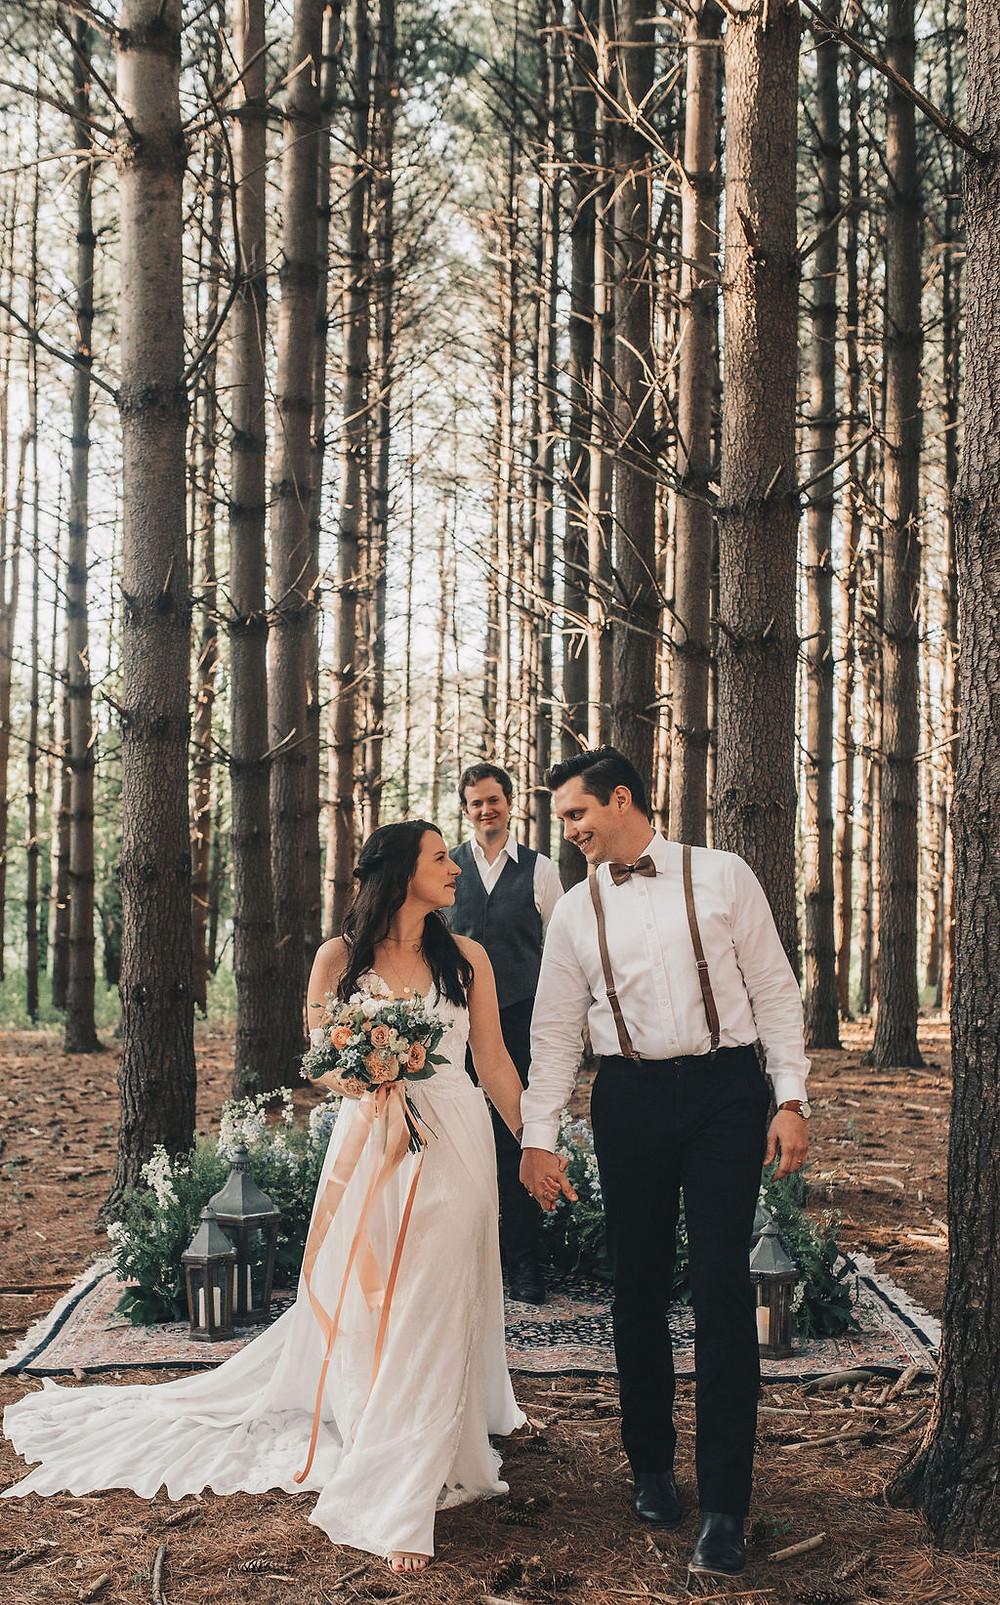 Woodsy, elopement ceremony